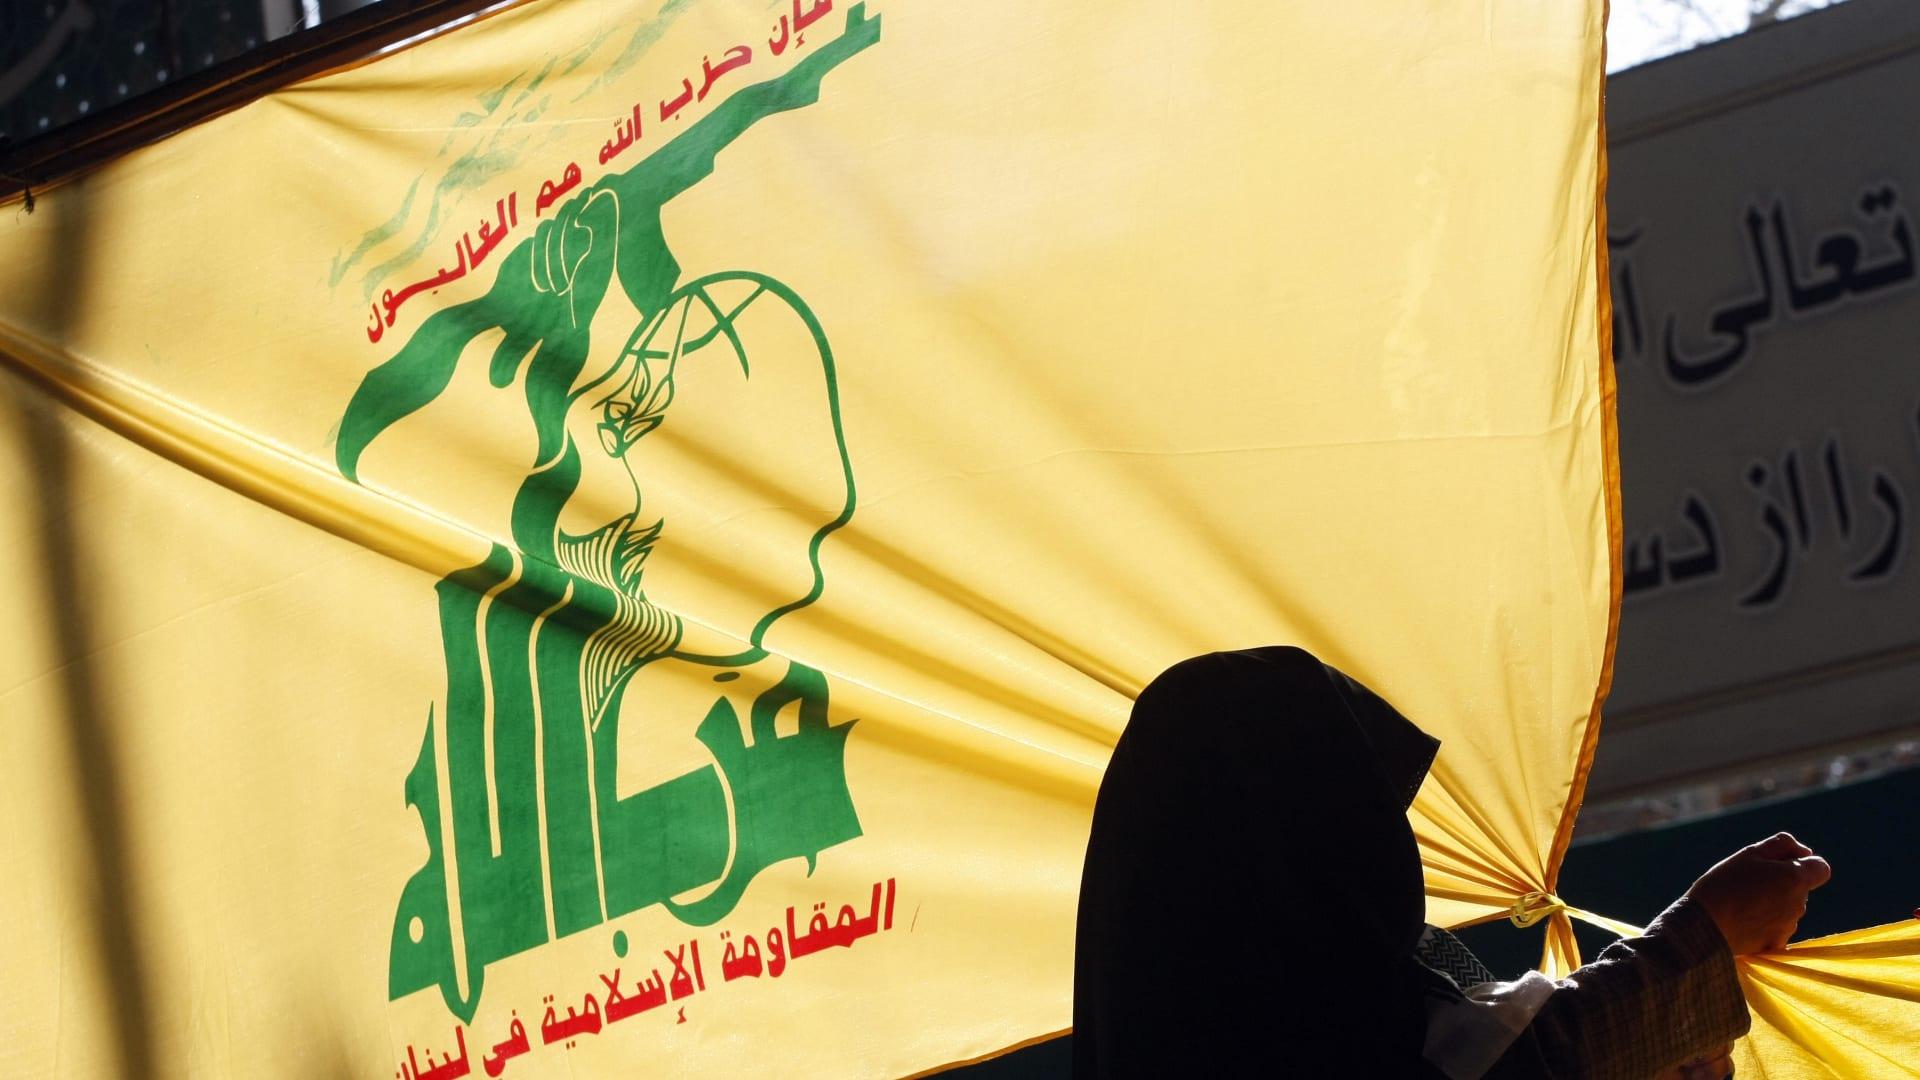 """خارجية أمريكا تذكّر بـ""""تقارير"""" شبكة دعارة لحزب الله تشغّل سوريات"""